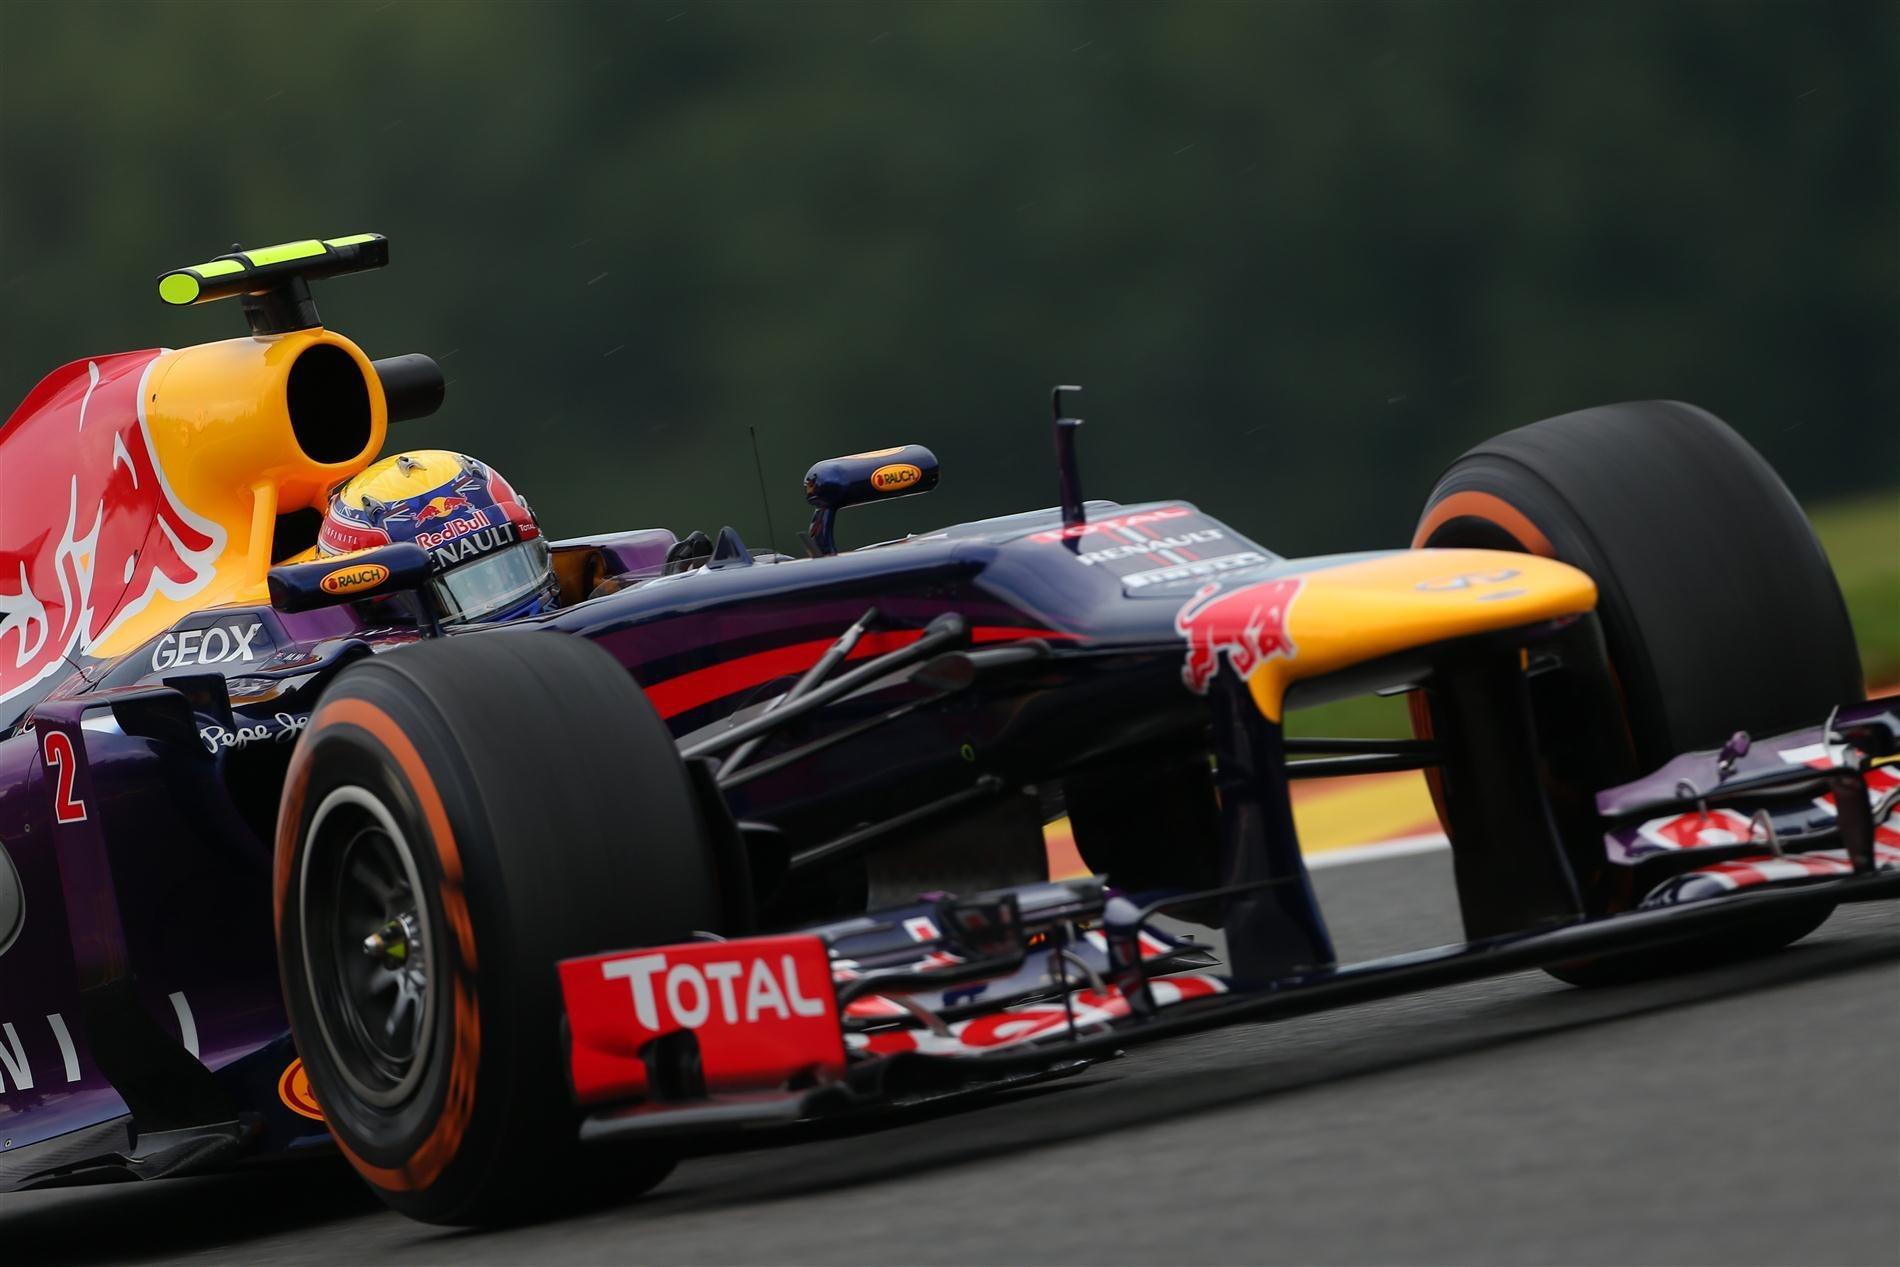 20241 скачать обои Транспорт, Машины, Гонки, Формула-1 (Formula-1, F1) - заставки и картинки бесплатно